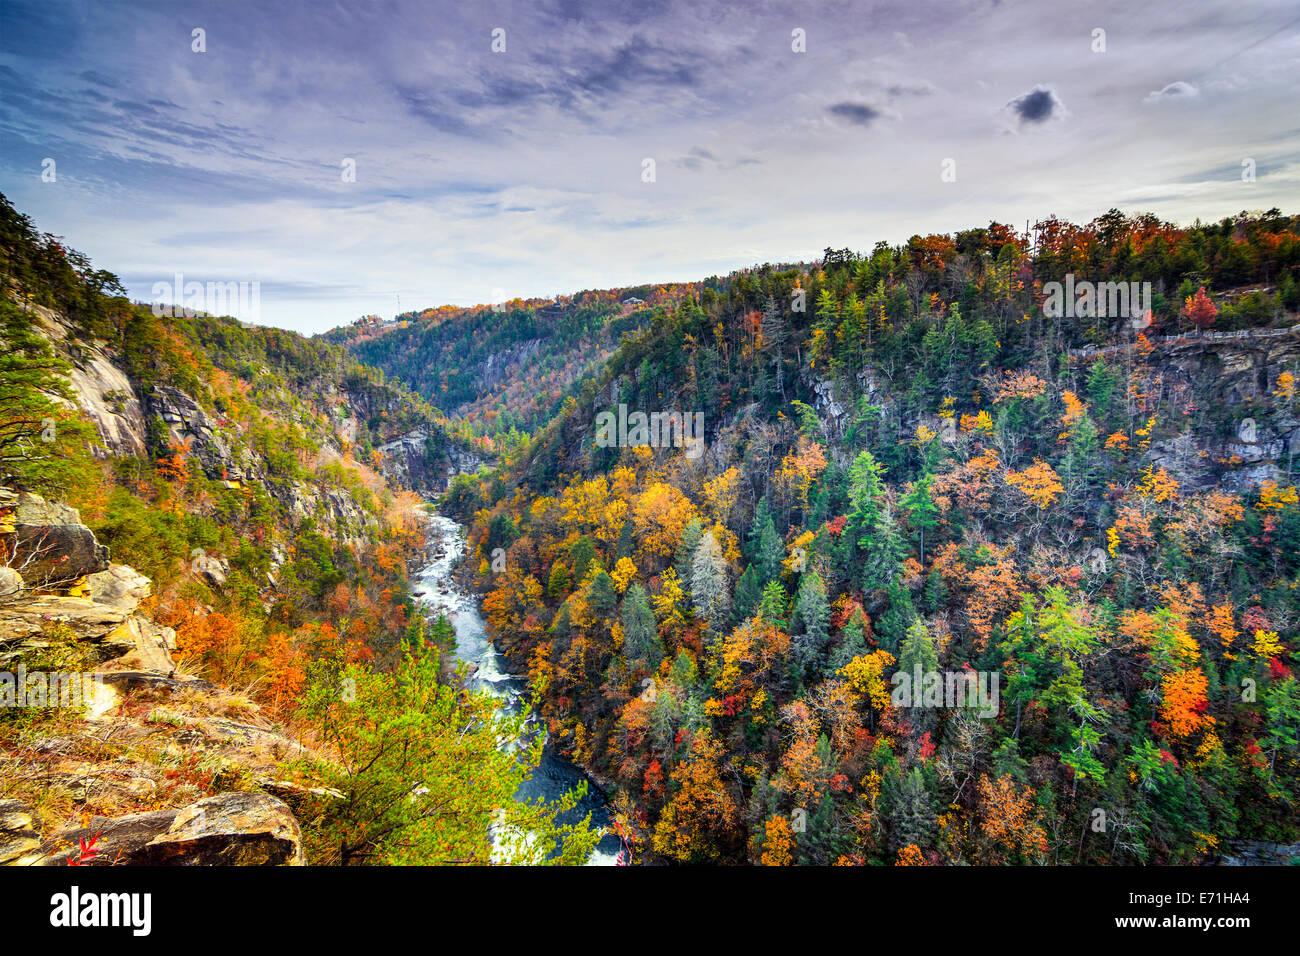 Tallulah Gorge en Georgia, EE.UU. durante la temporada de otoño. Imagen De Stock